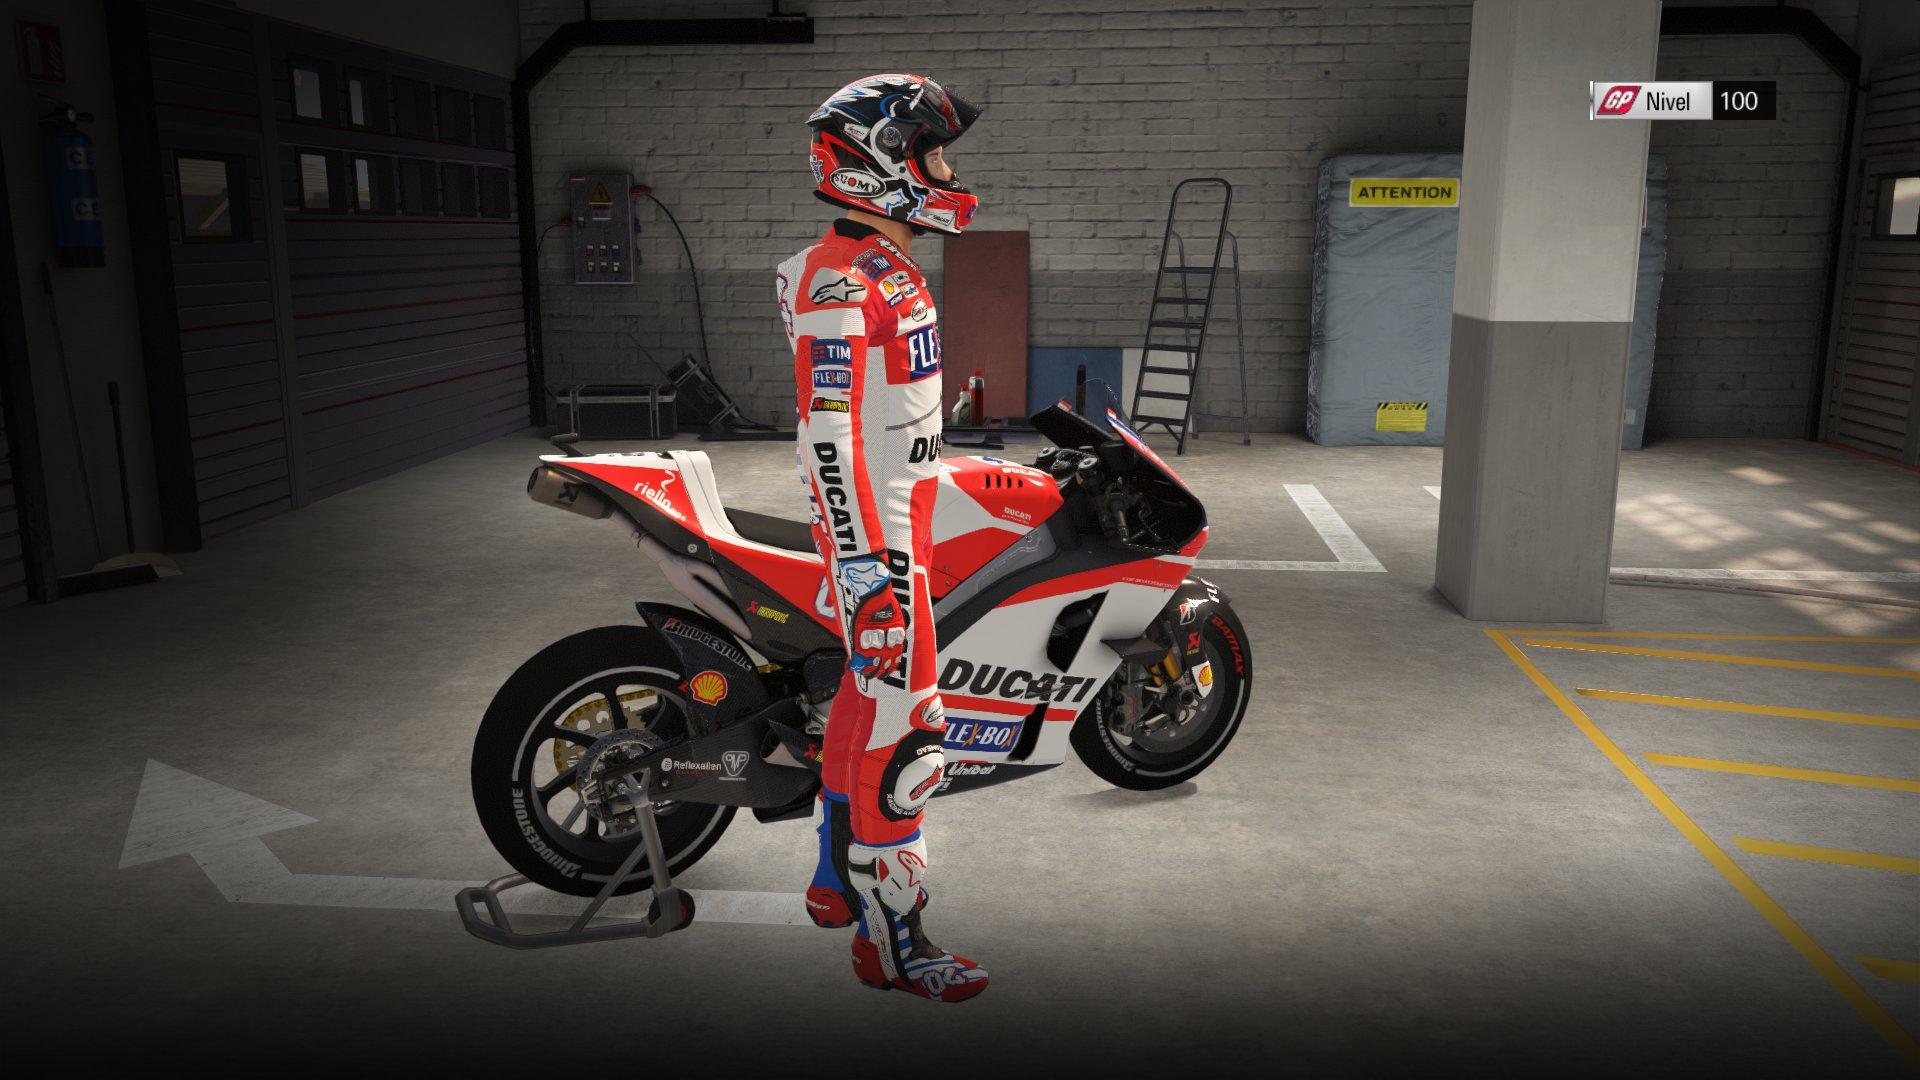 MotoGP15X64_2017-02-02_12-18-51-118.jpg